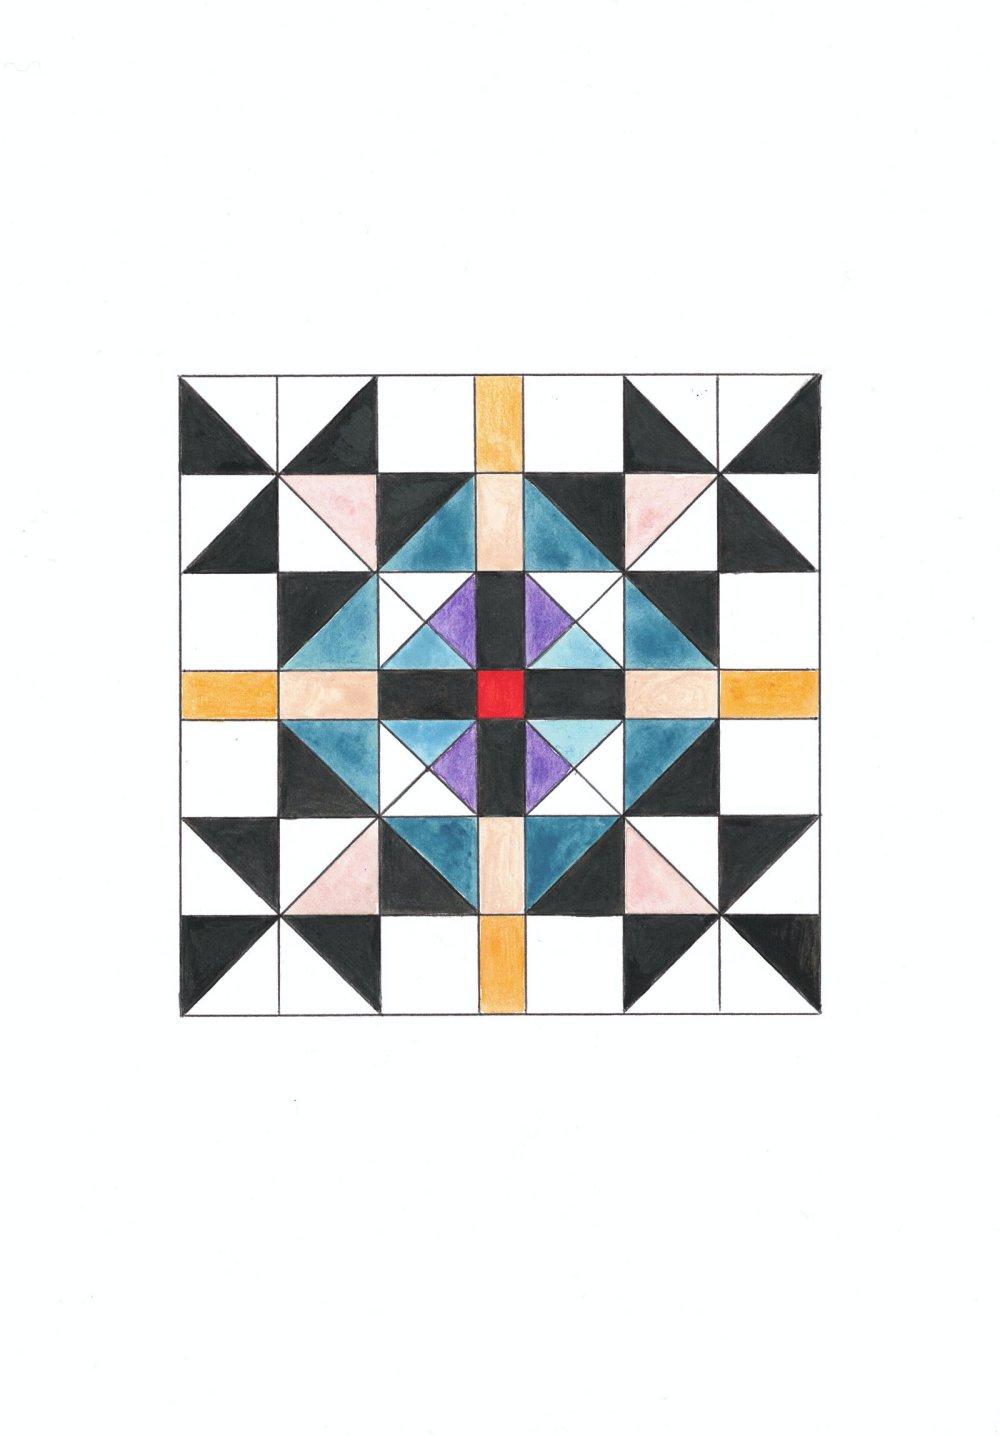 Visionium (Trame 19)